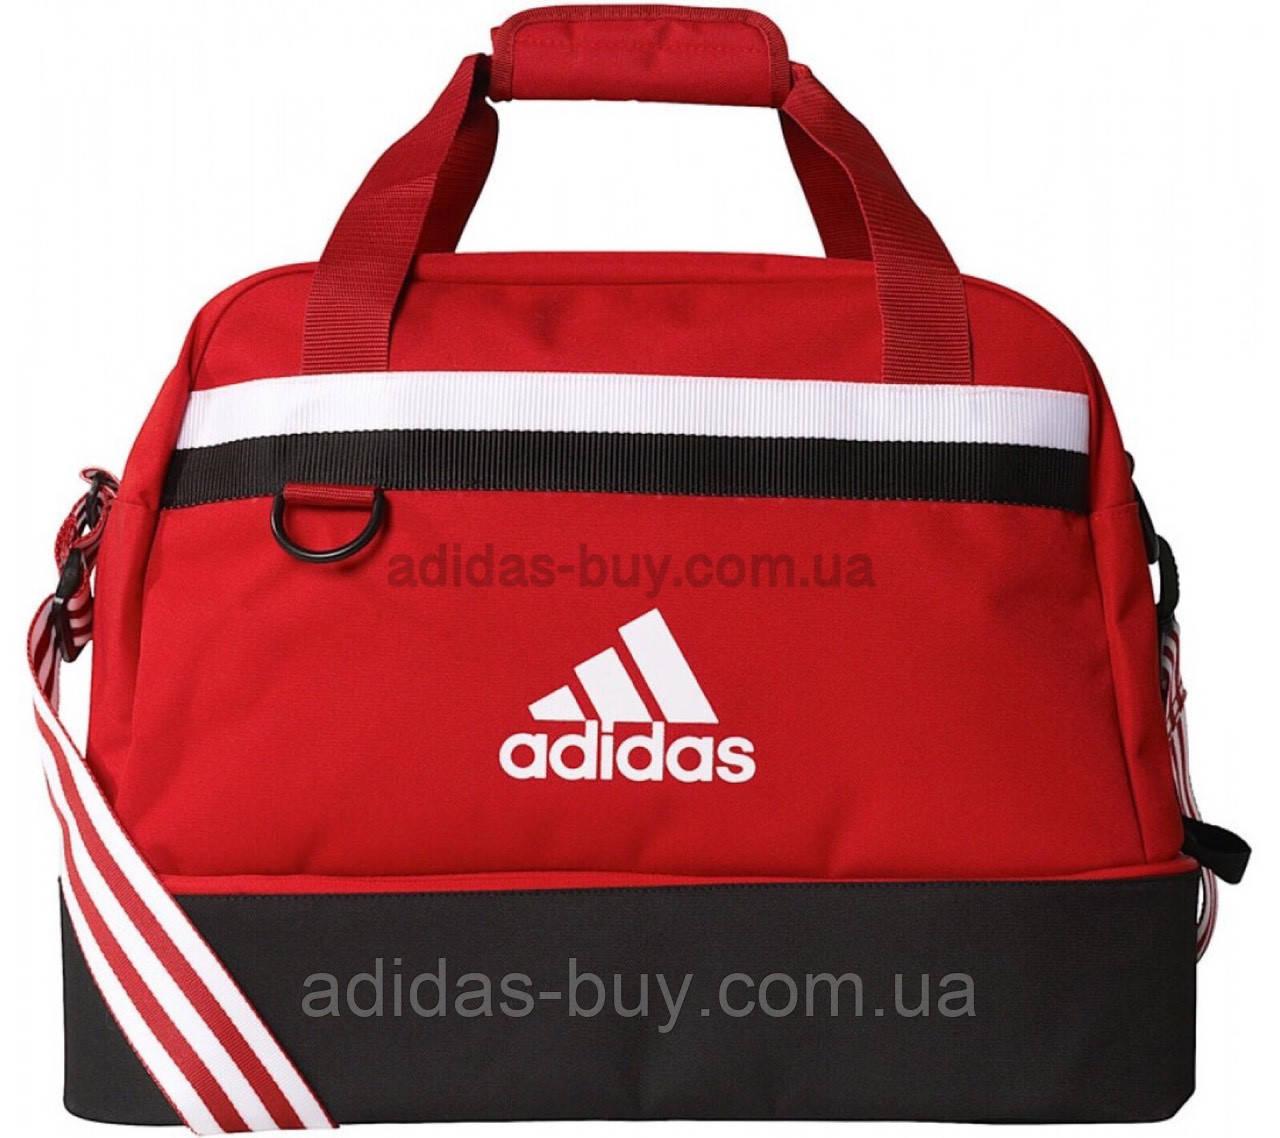 a7be7866 Футбольная Дорожная сумка adidas TIRO TB BC M S13307 цвет: красный -  ORIGINAL SHOES (